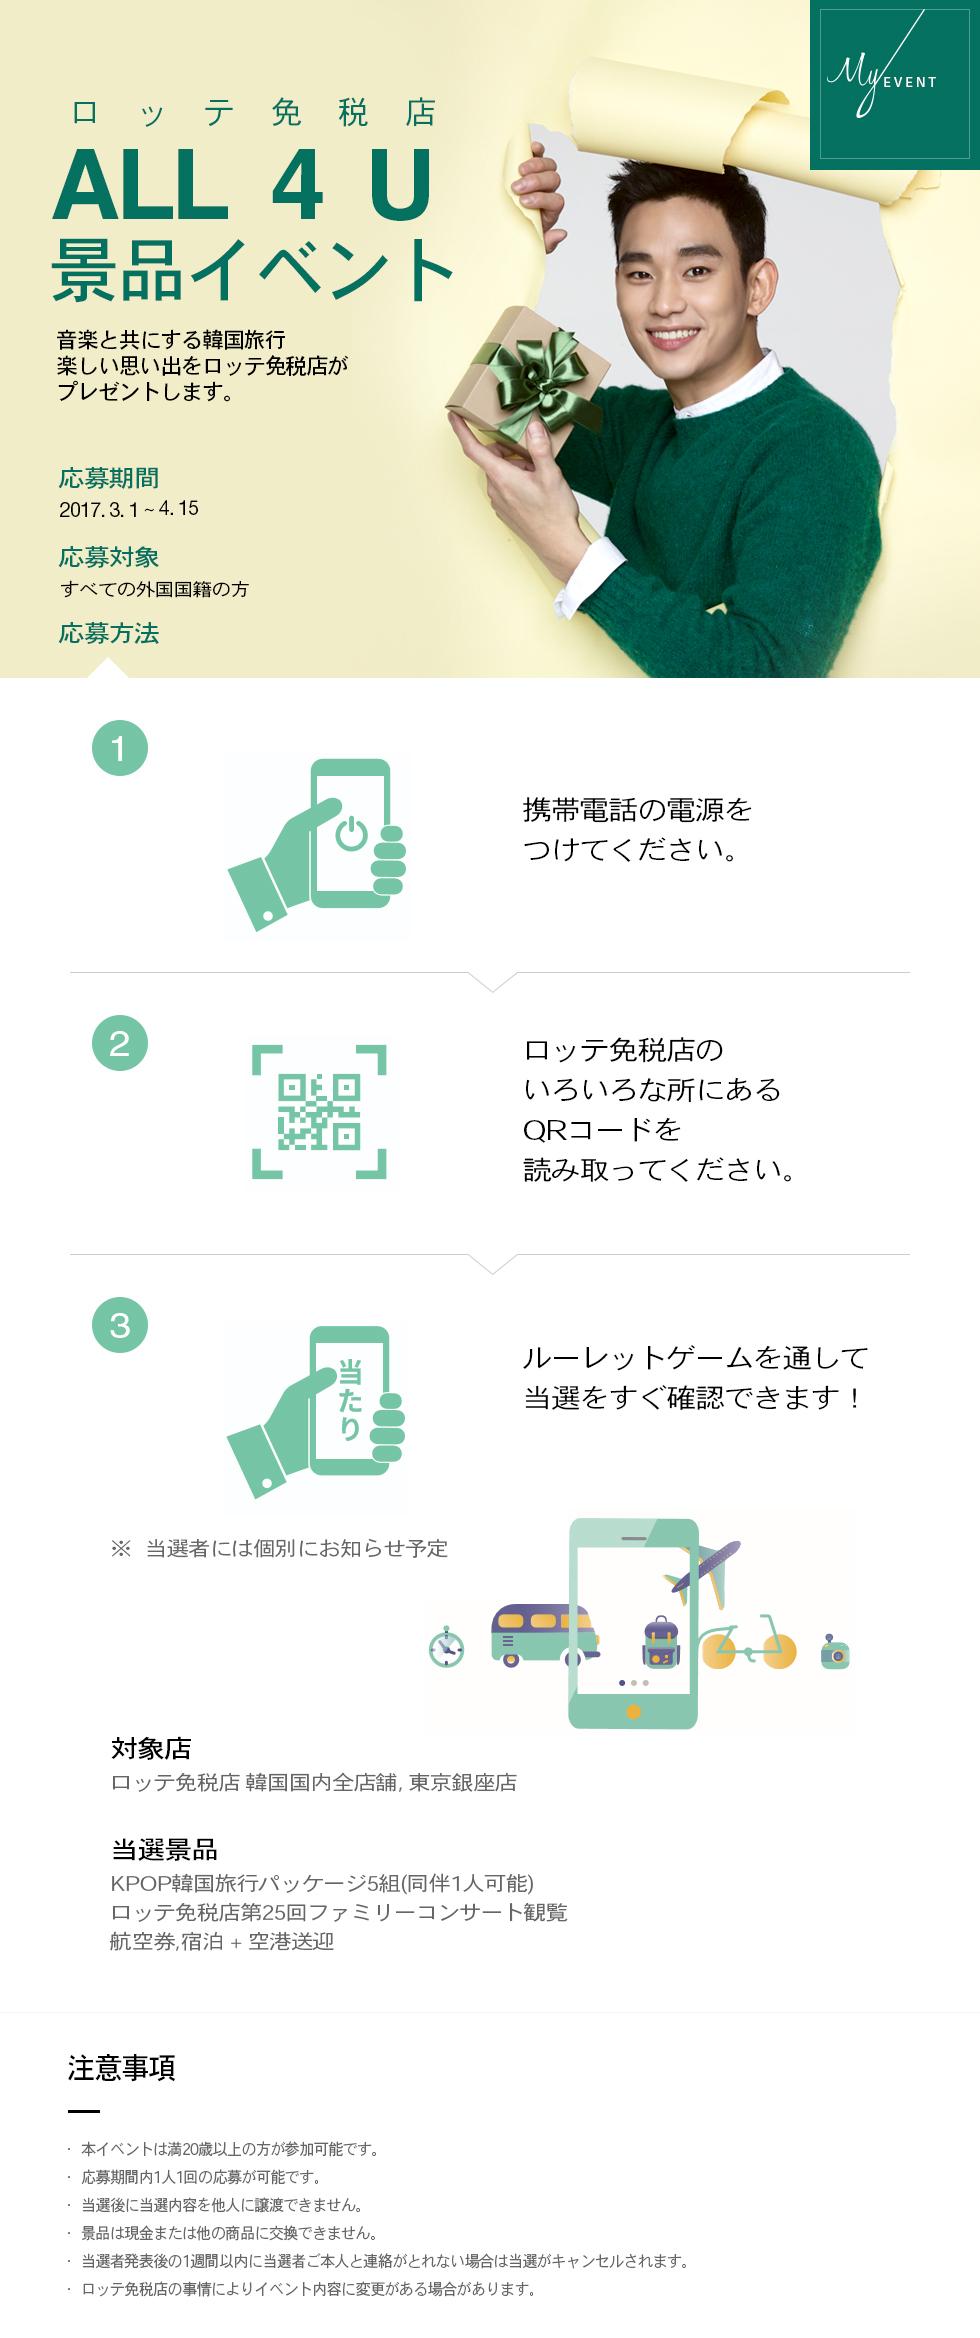 ロッテ免税店 ALL • 4 • U景品イベント